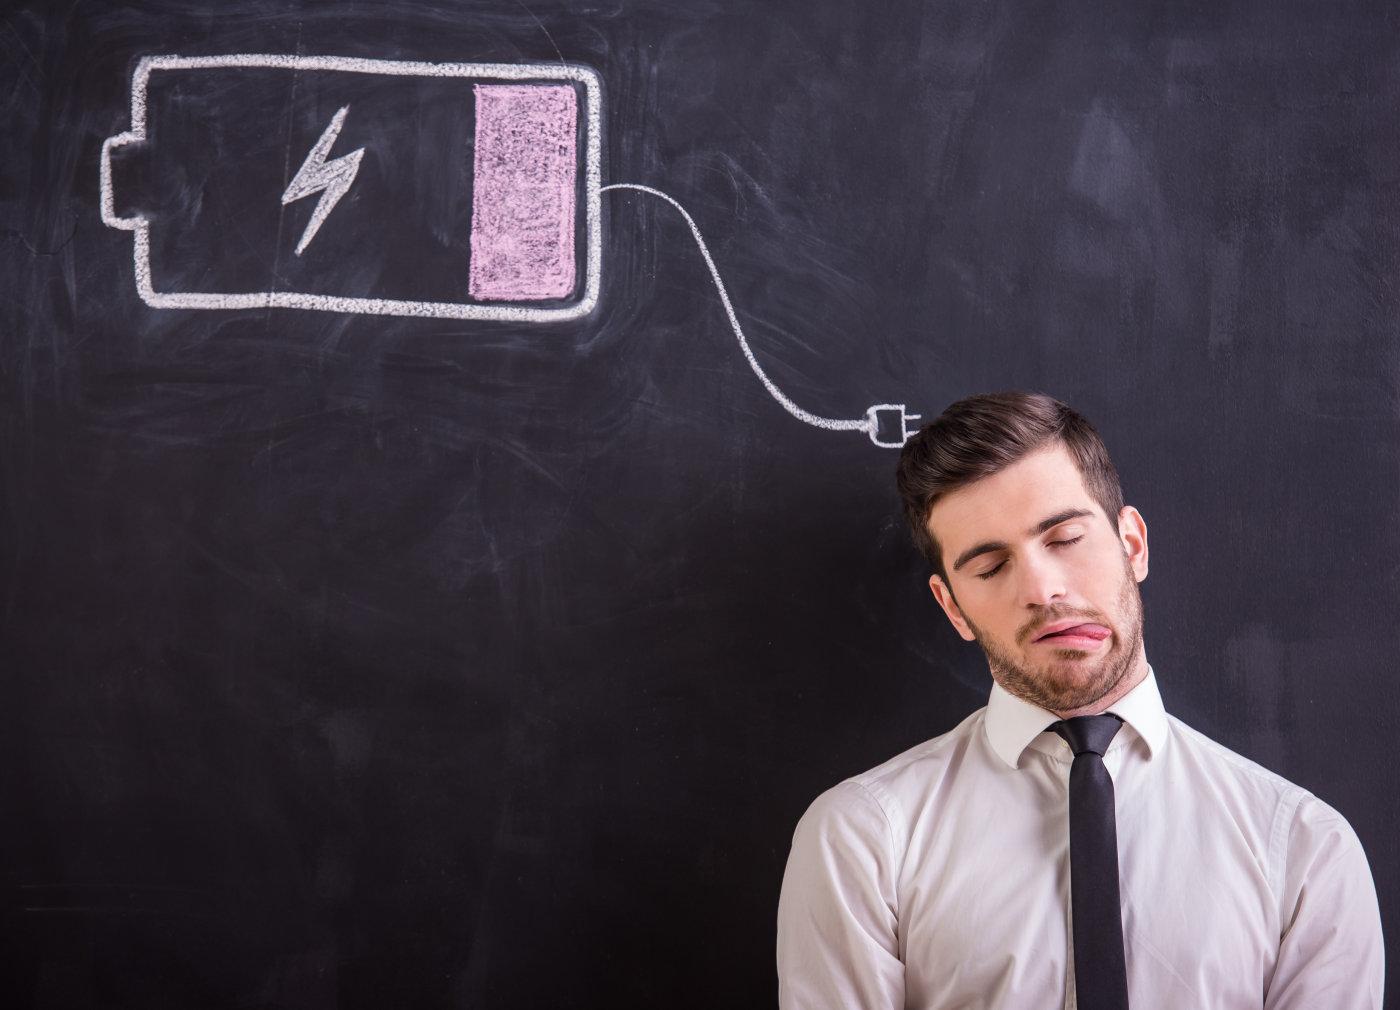 新的燃料电池设计能让手机用上一星期!